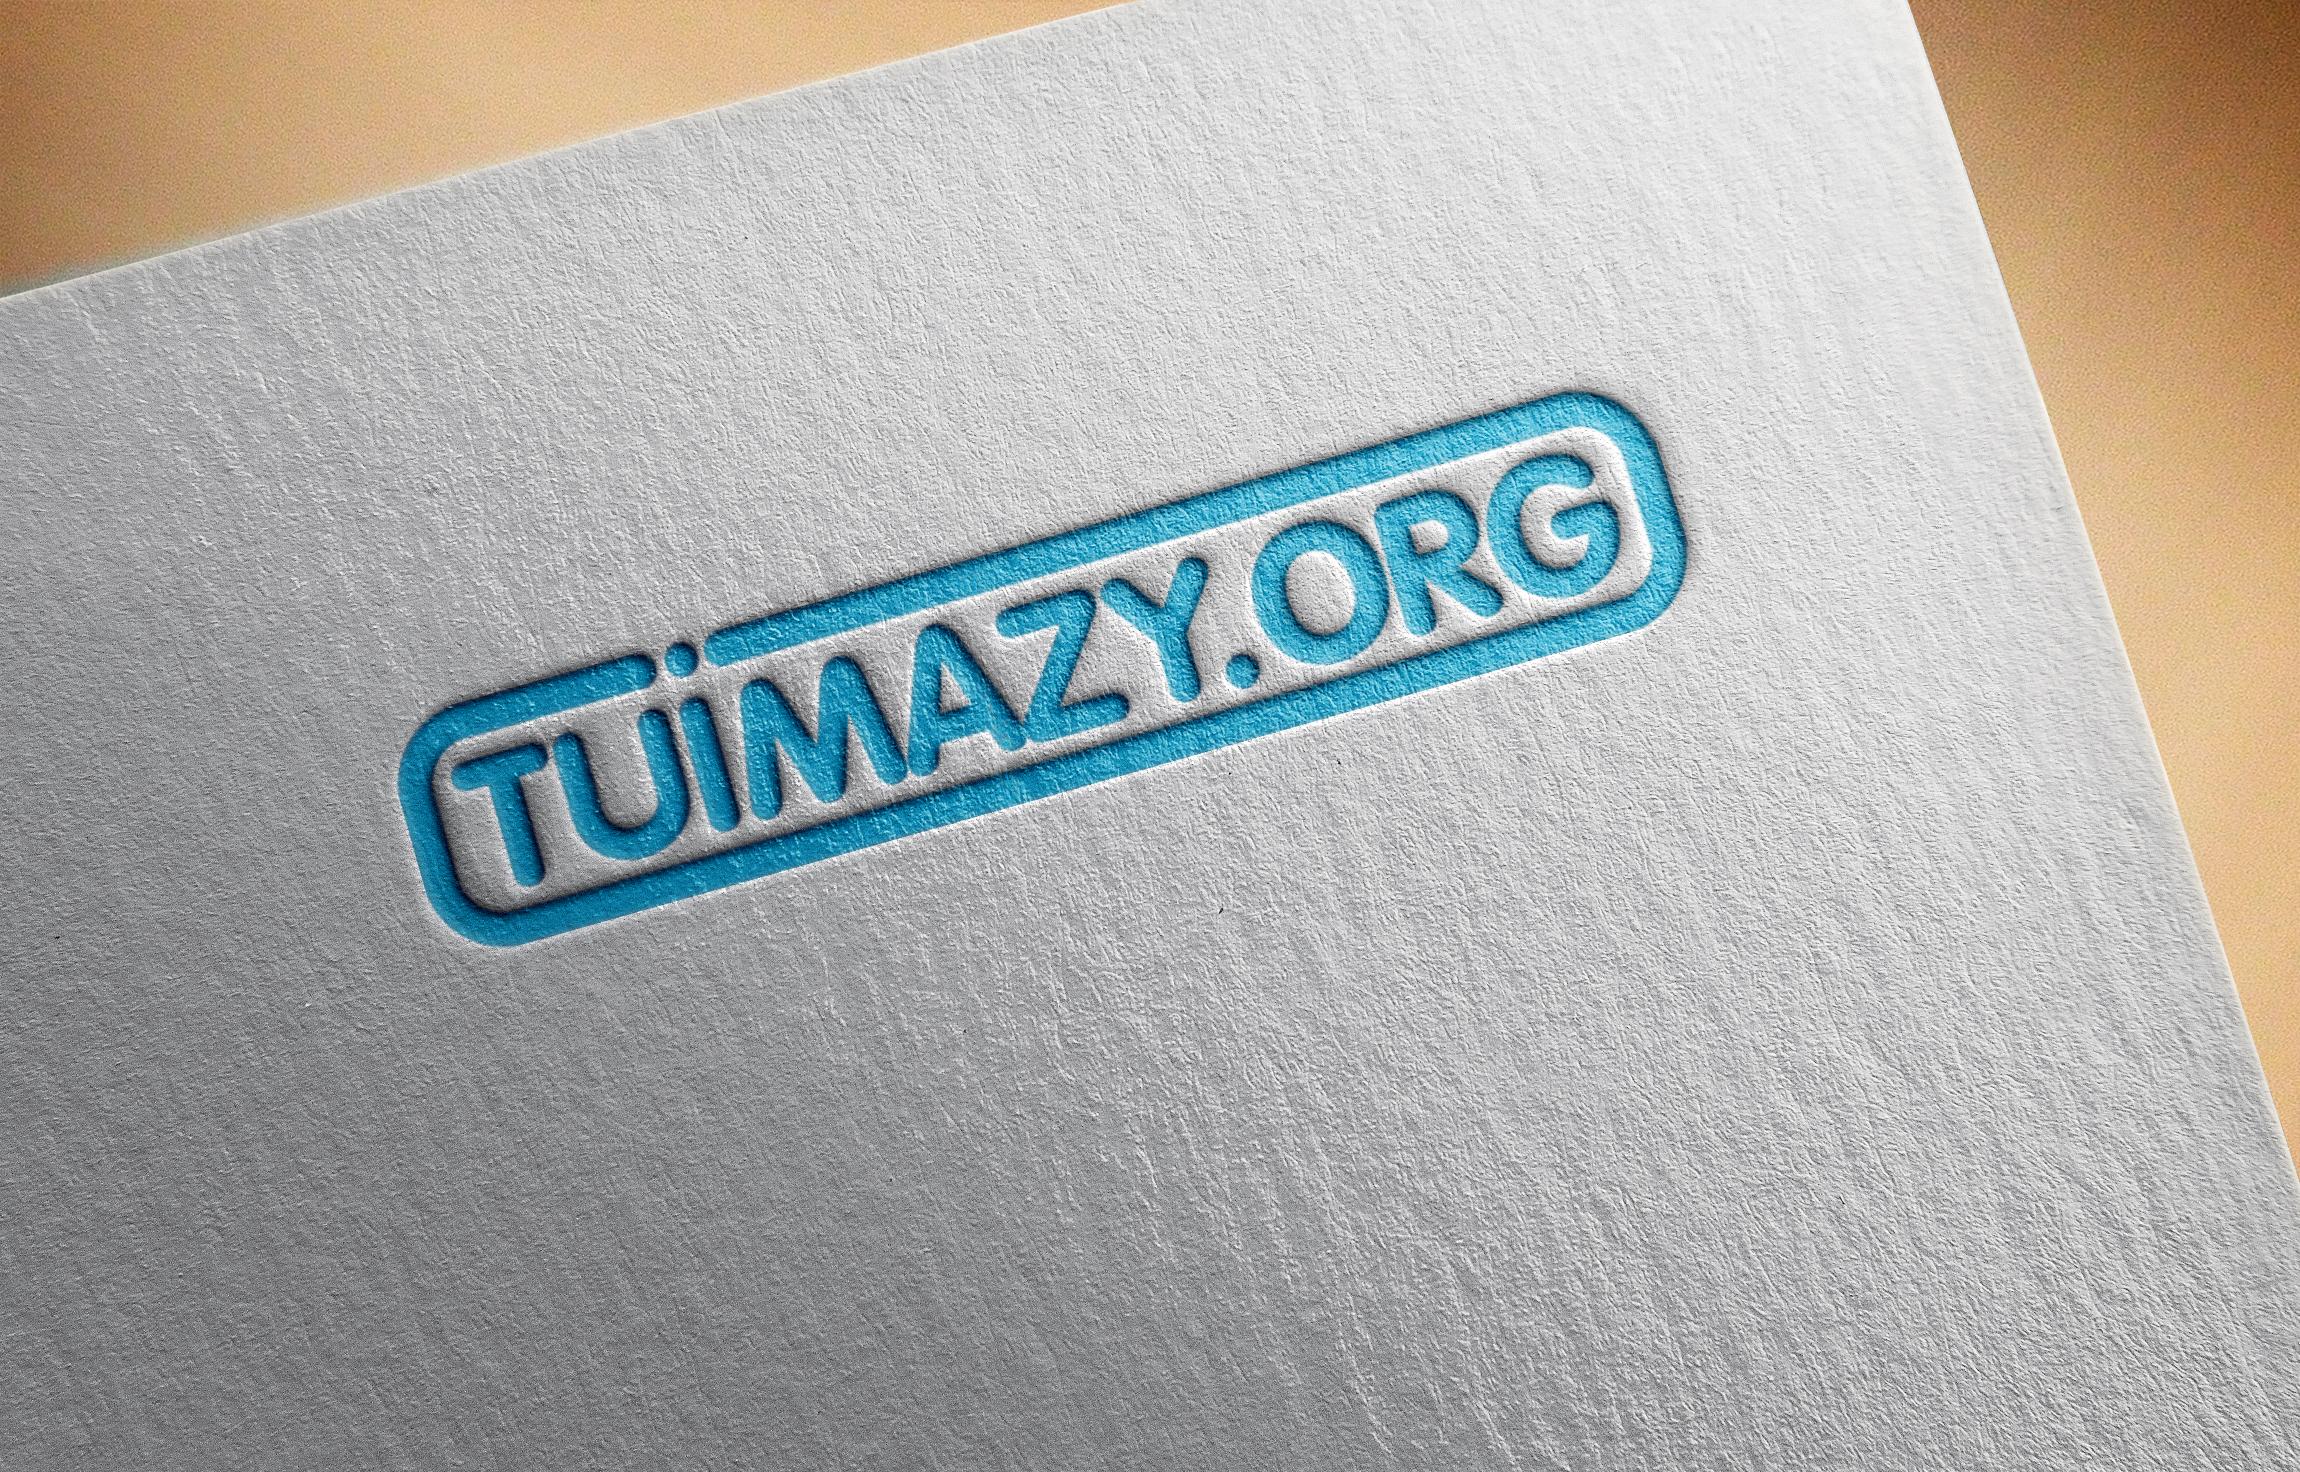 tuimazy